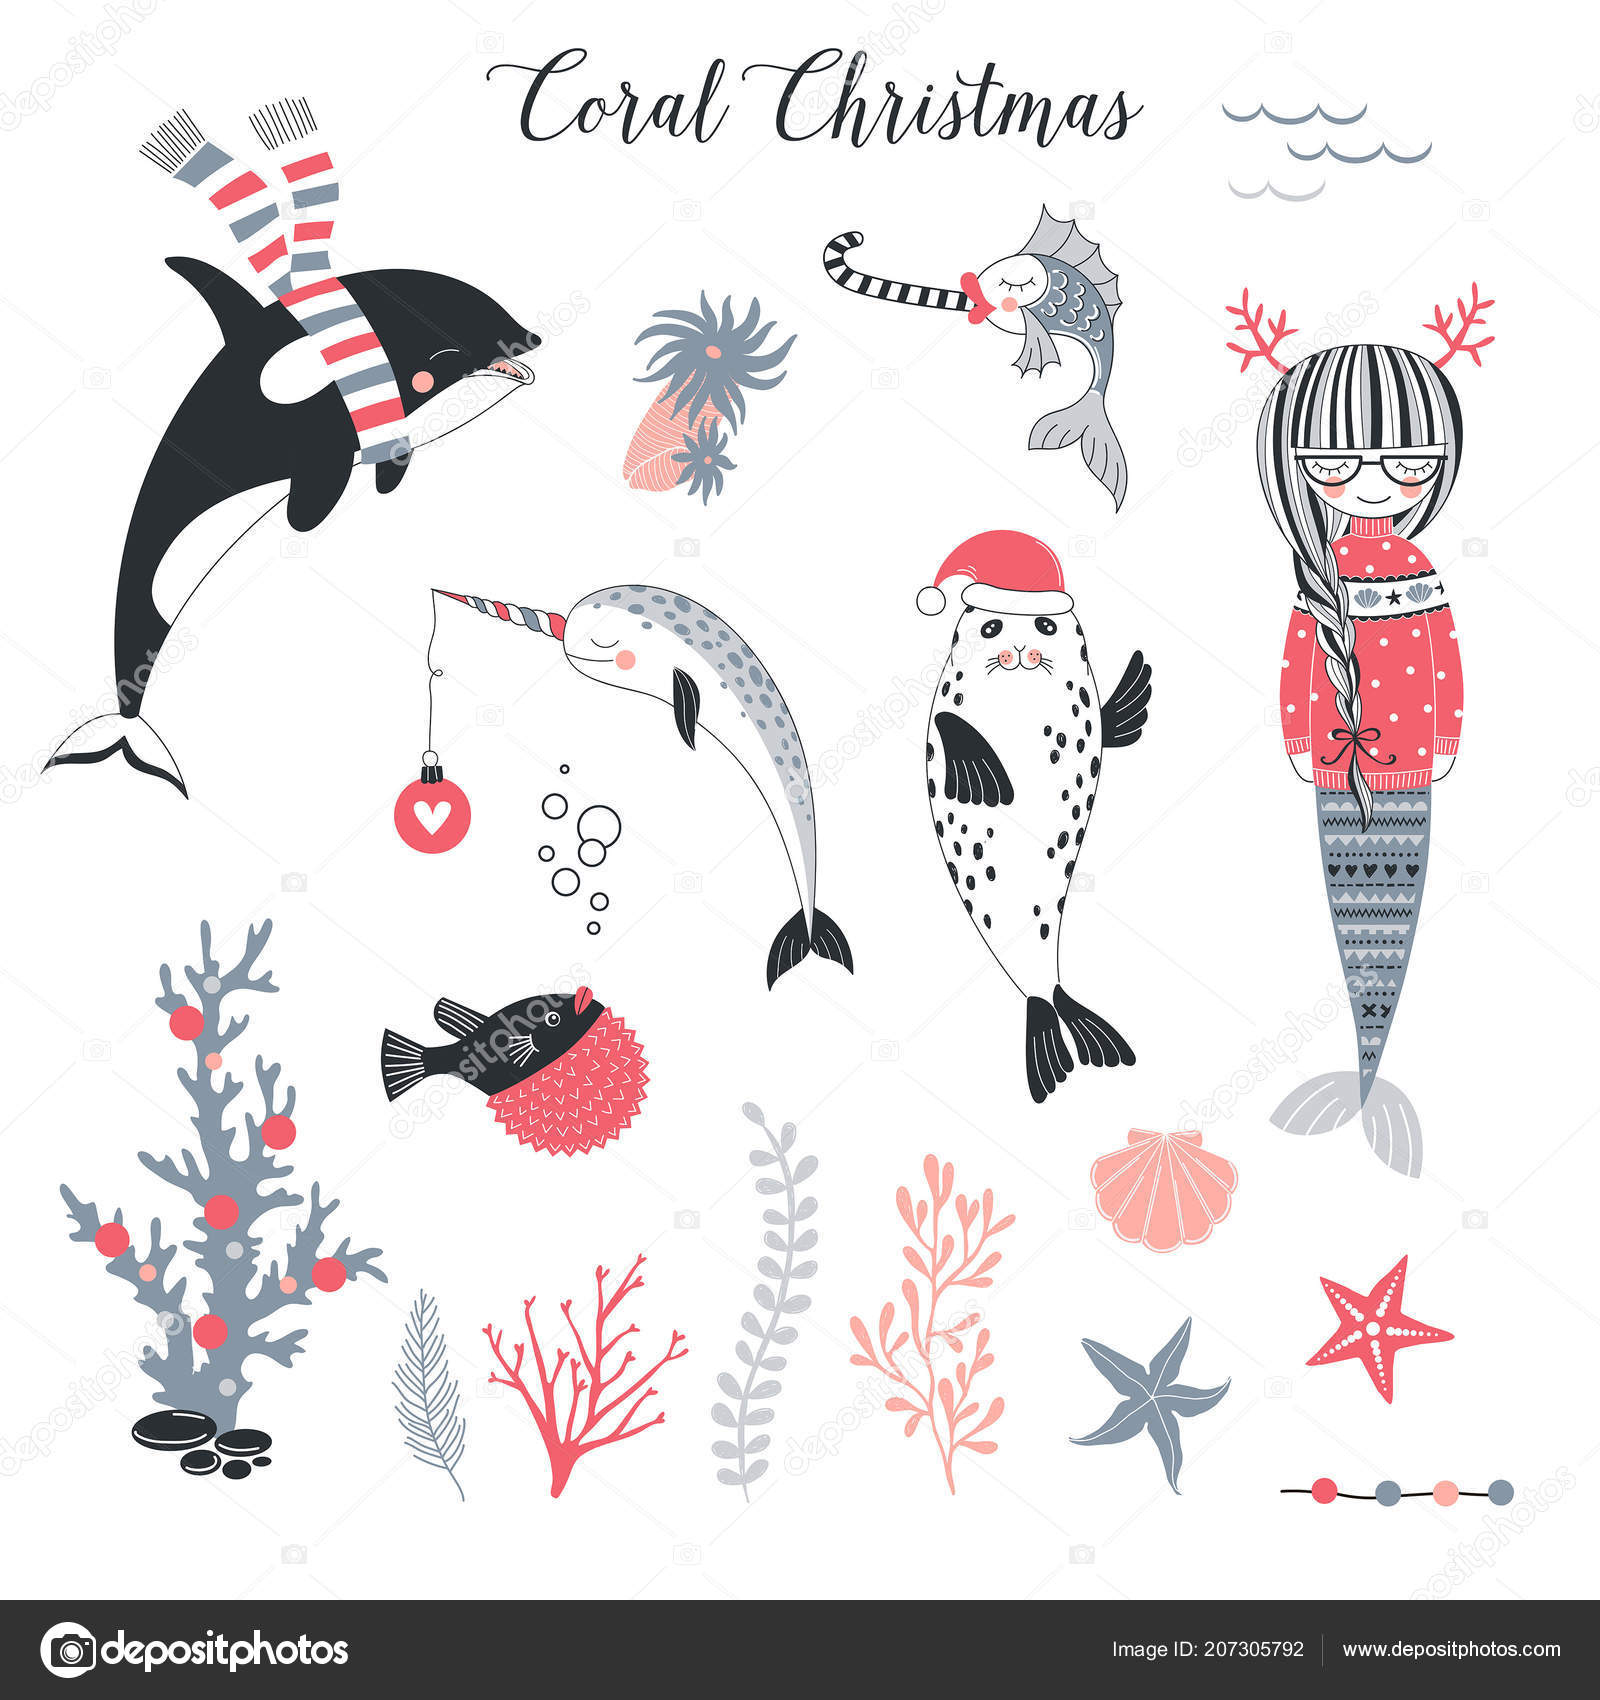 Skurrile Weihnachten Cliparts Gesetzt Vektor Illustration ...